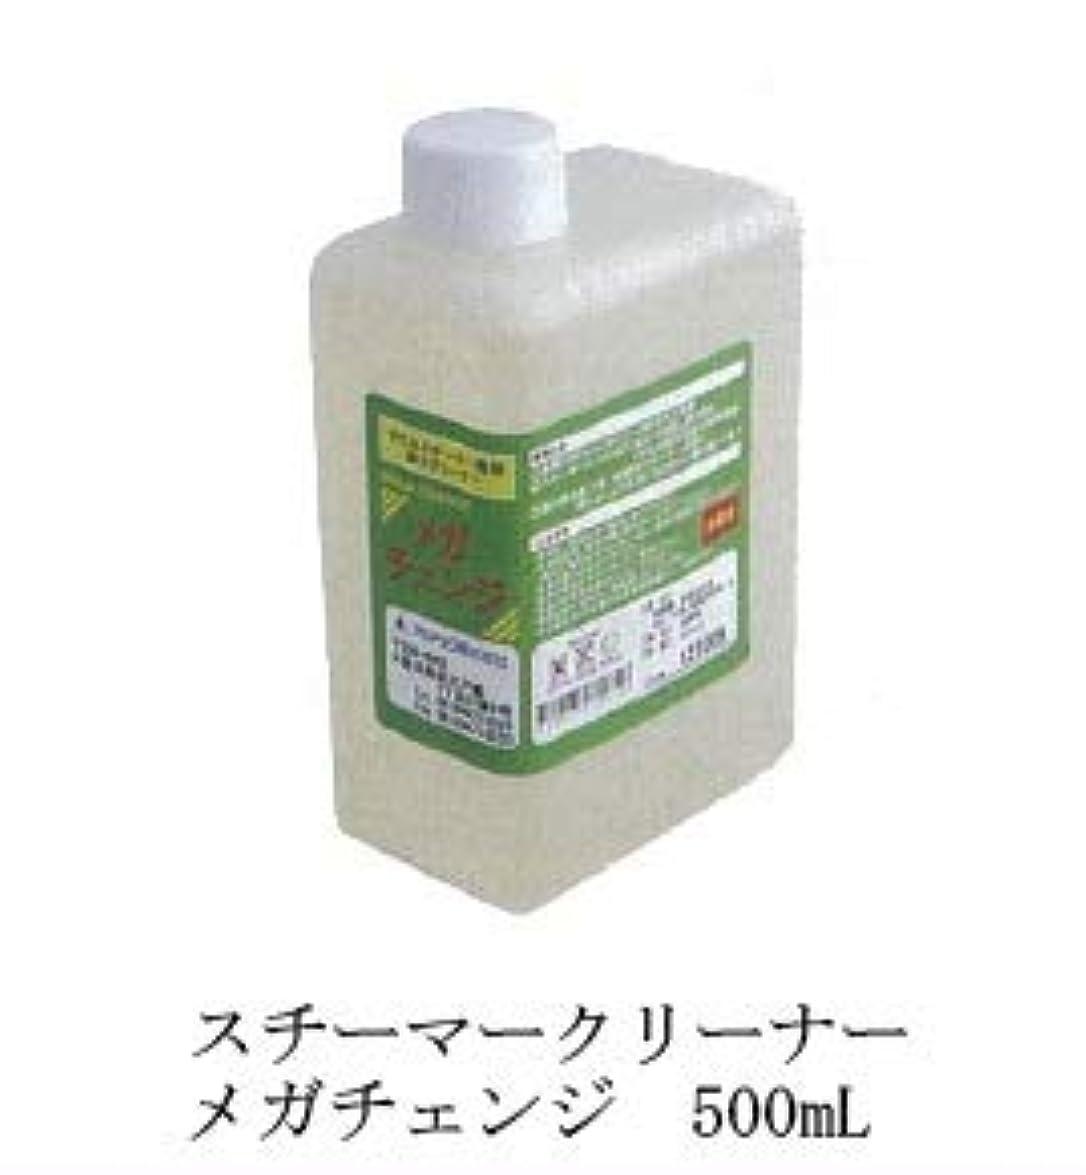 苗画面鋼メガチェンジ 500ml